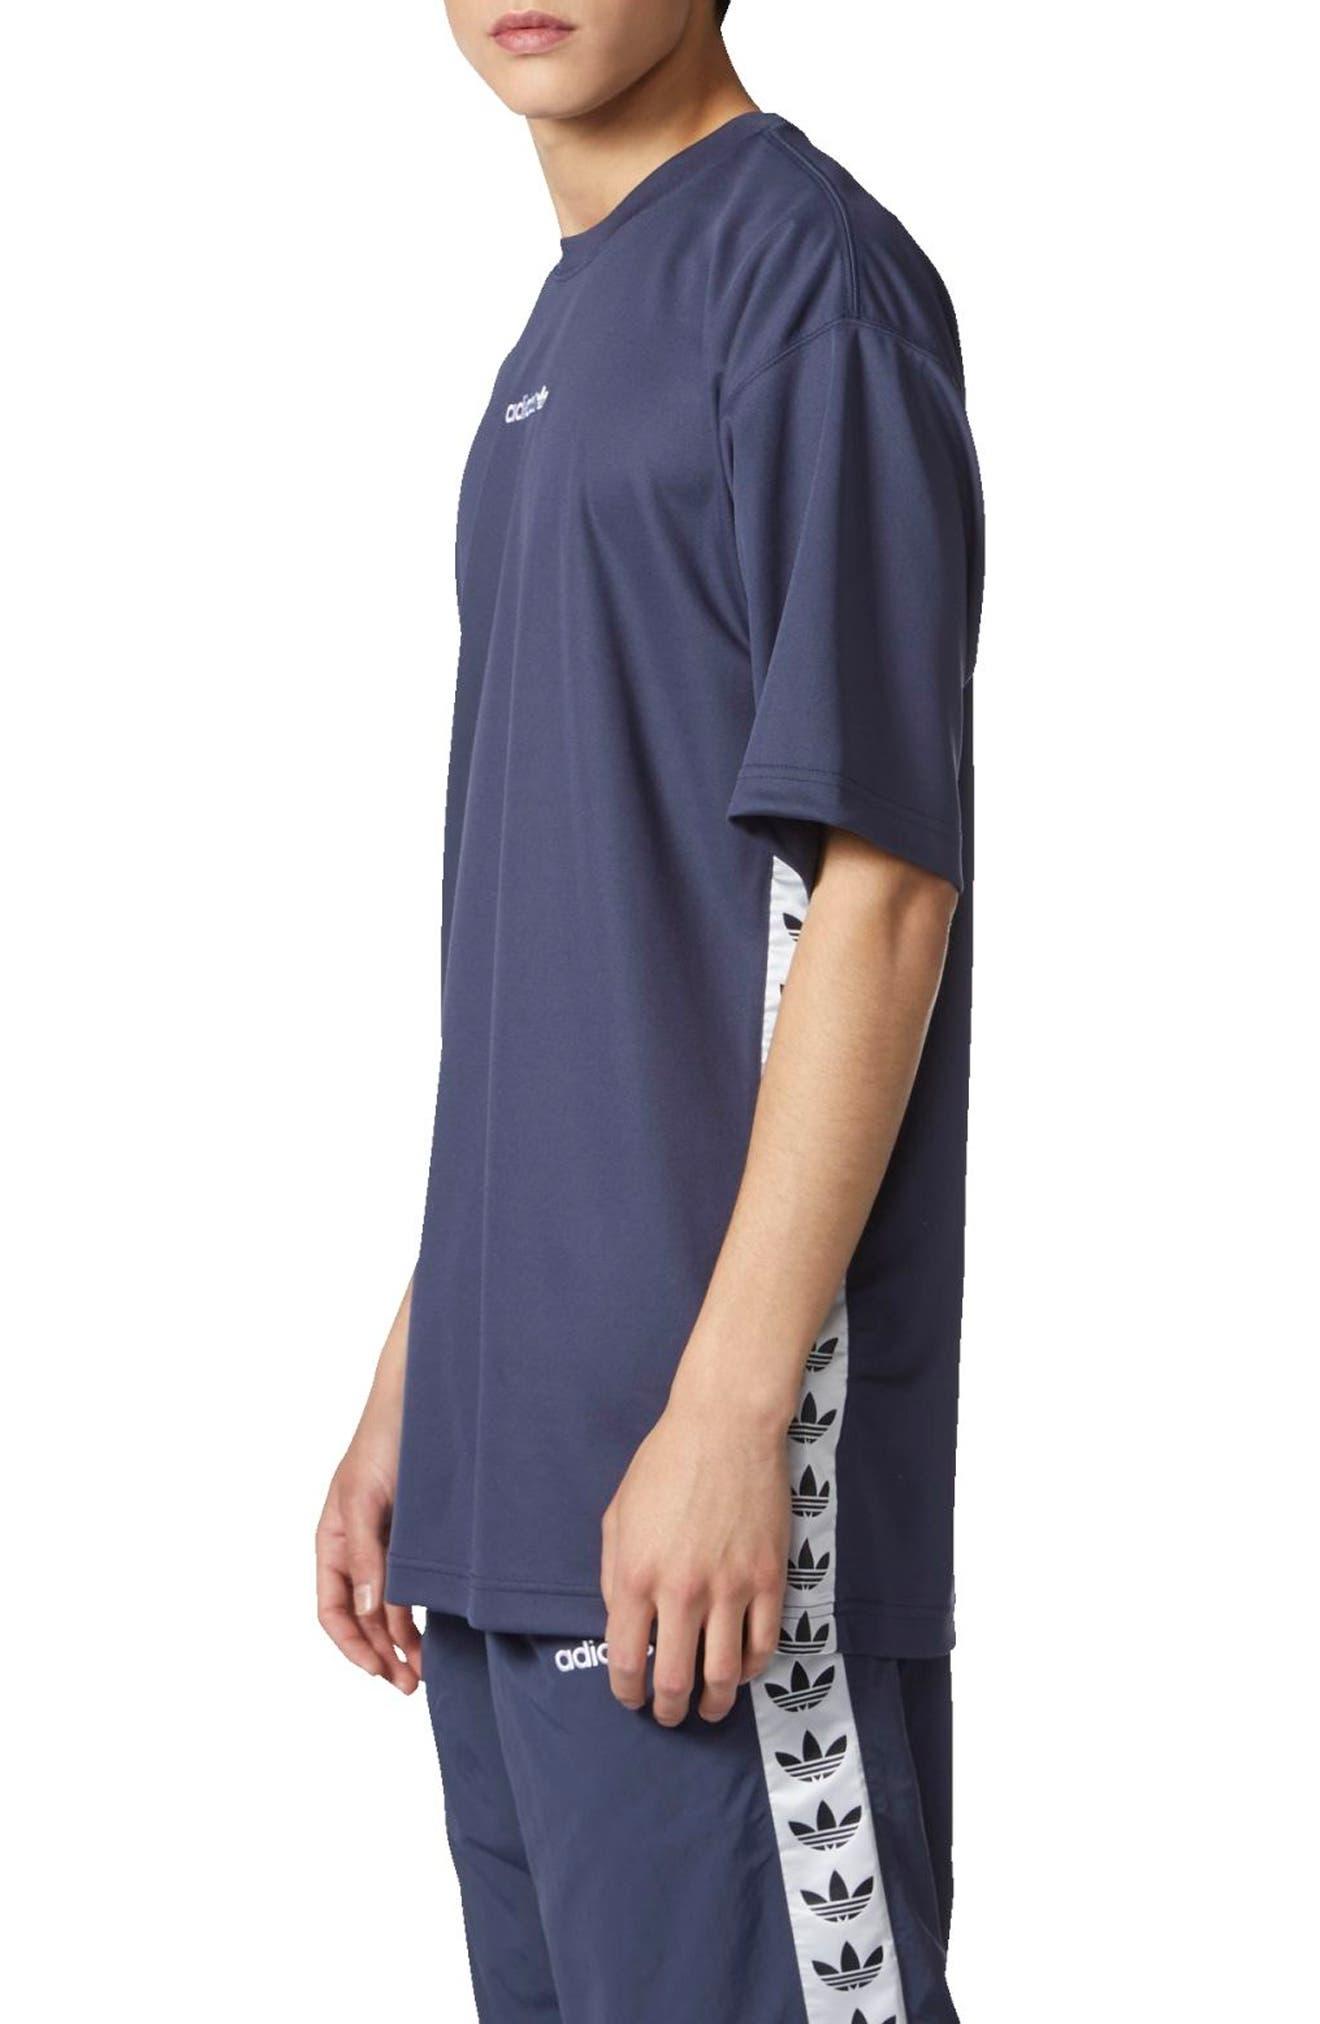 TNT Tape T-Shirt,                             Alternate thumbnail 3, color,                             Trace Blue/ White